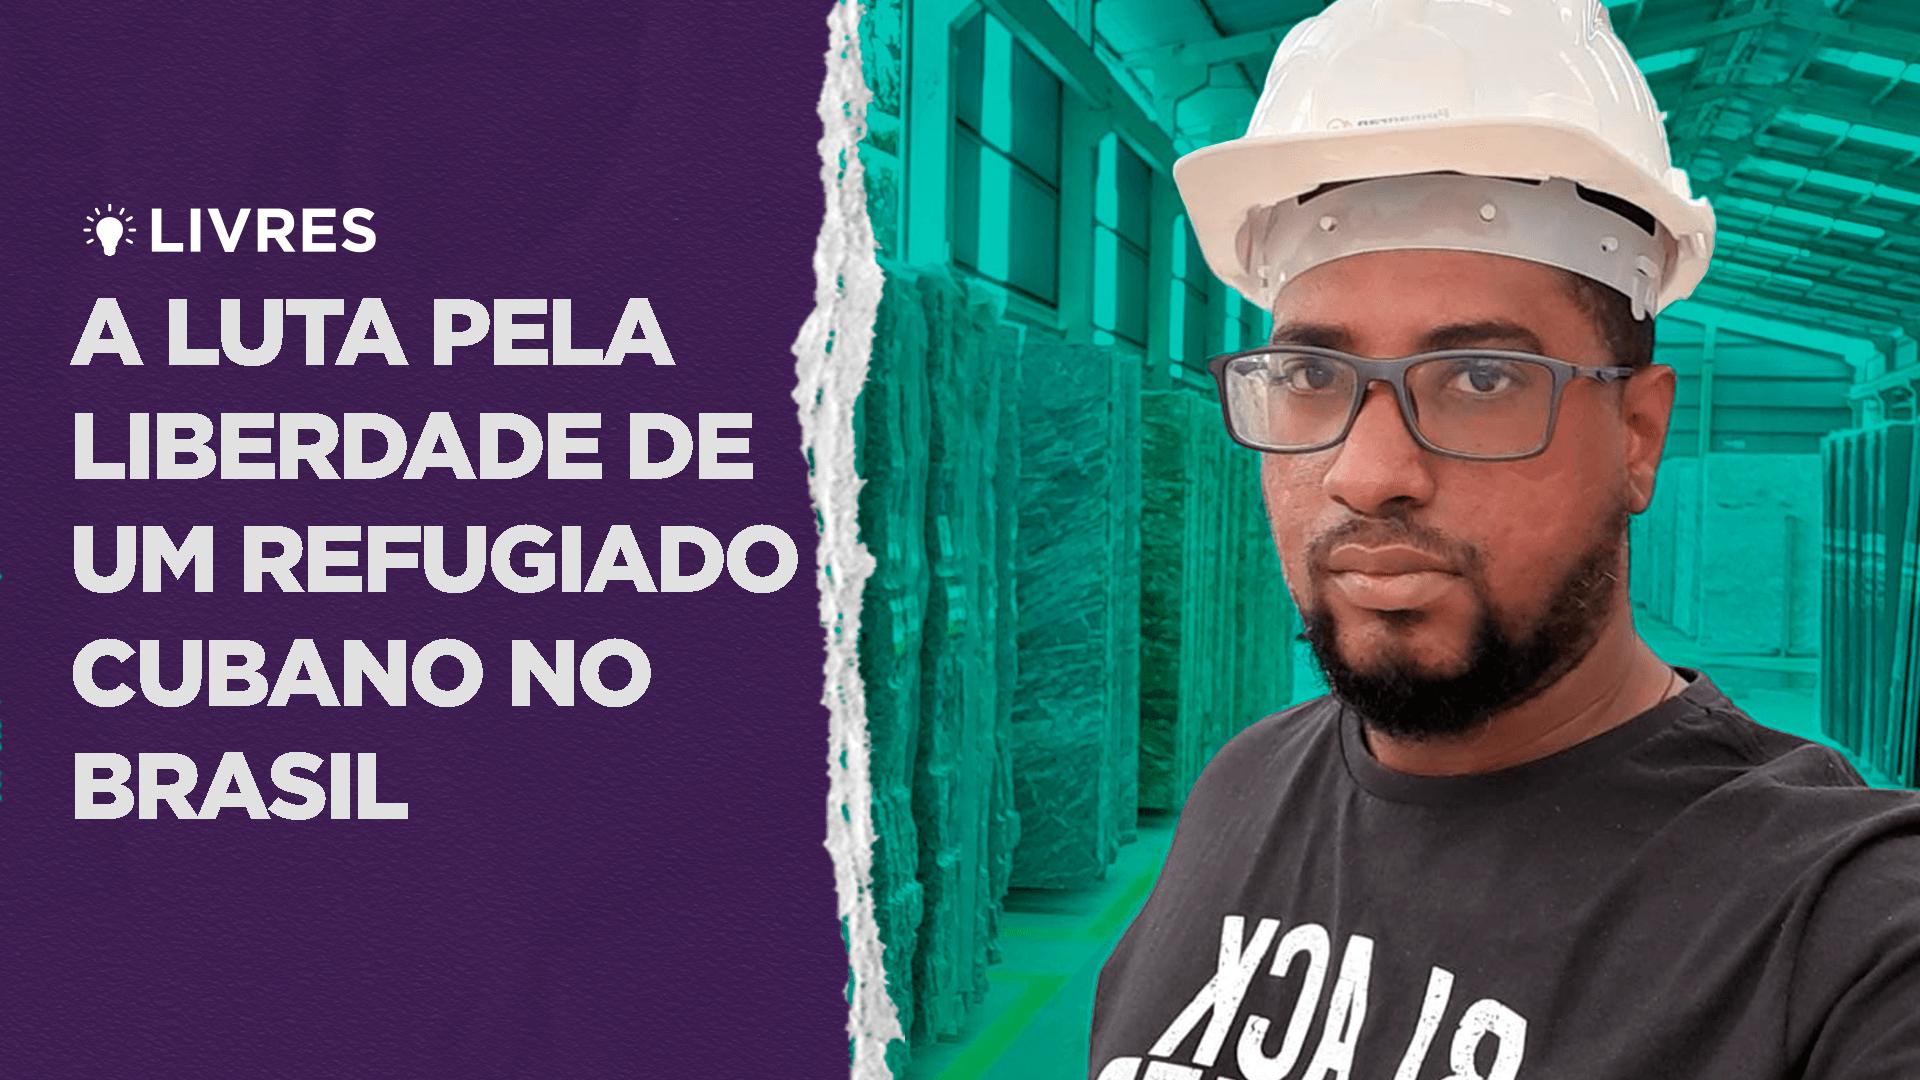 A luta pela liberdade de um refugiado cubano no Brasil – LivresCast com Milton Gonzalez